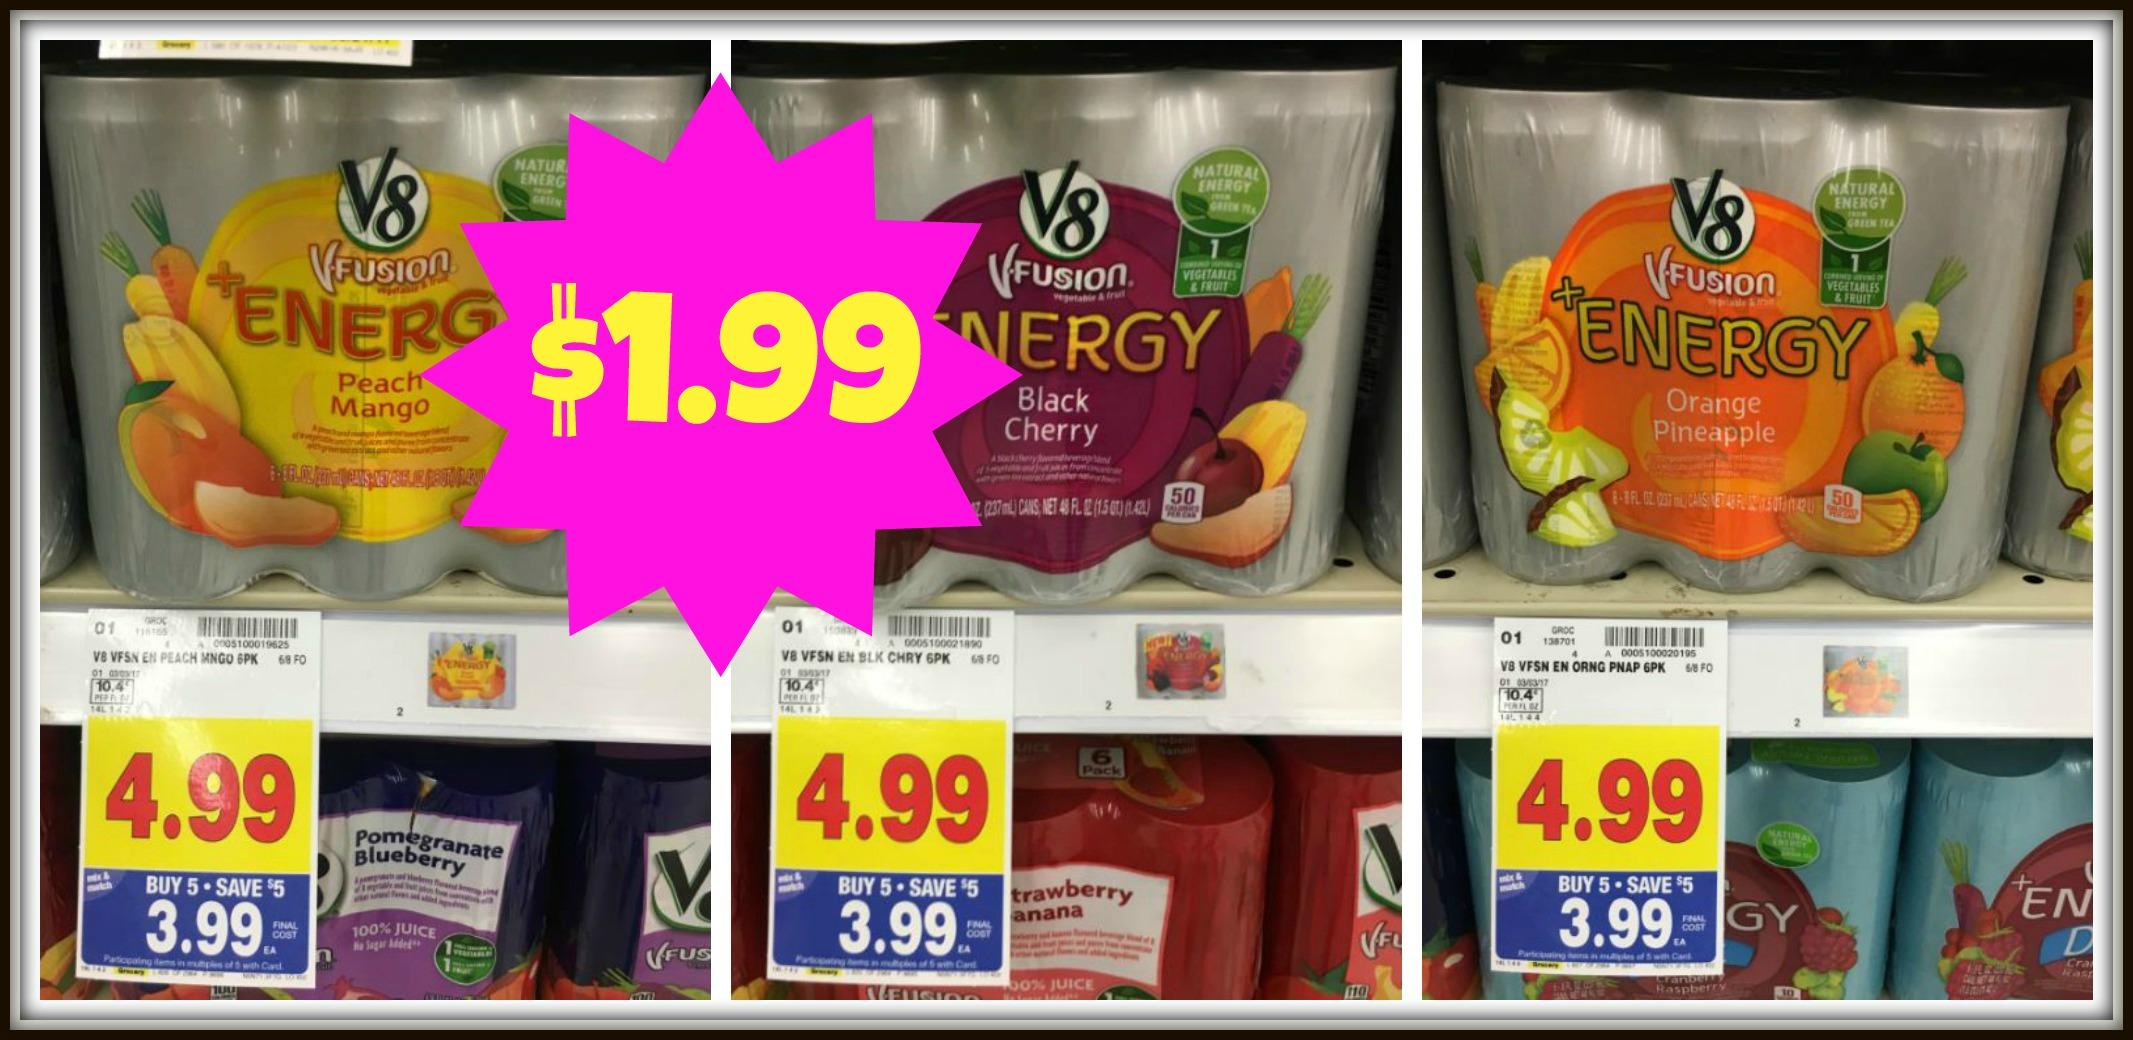 v8-energy1